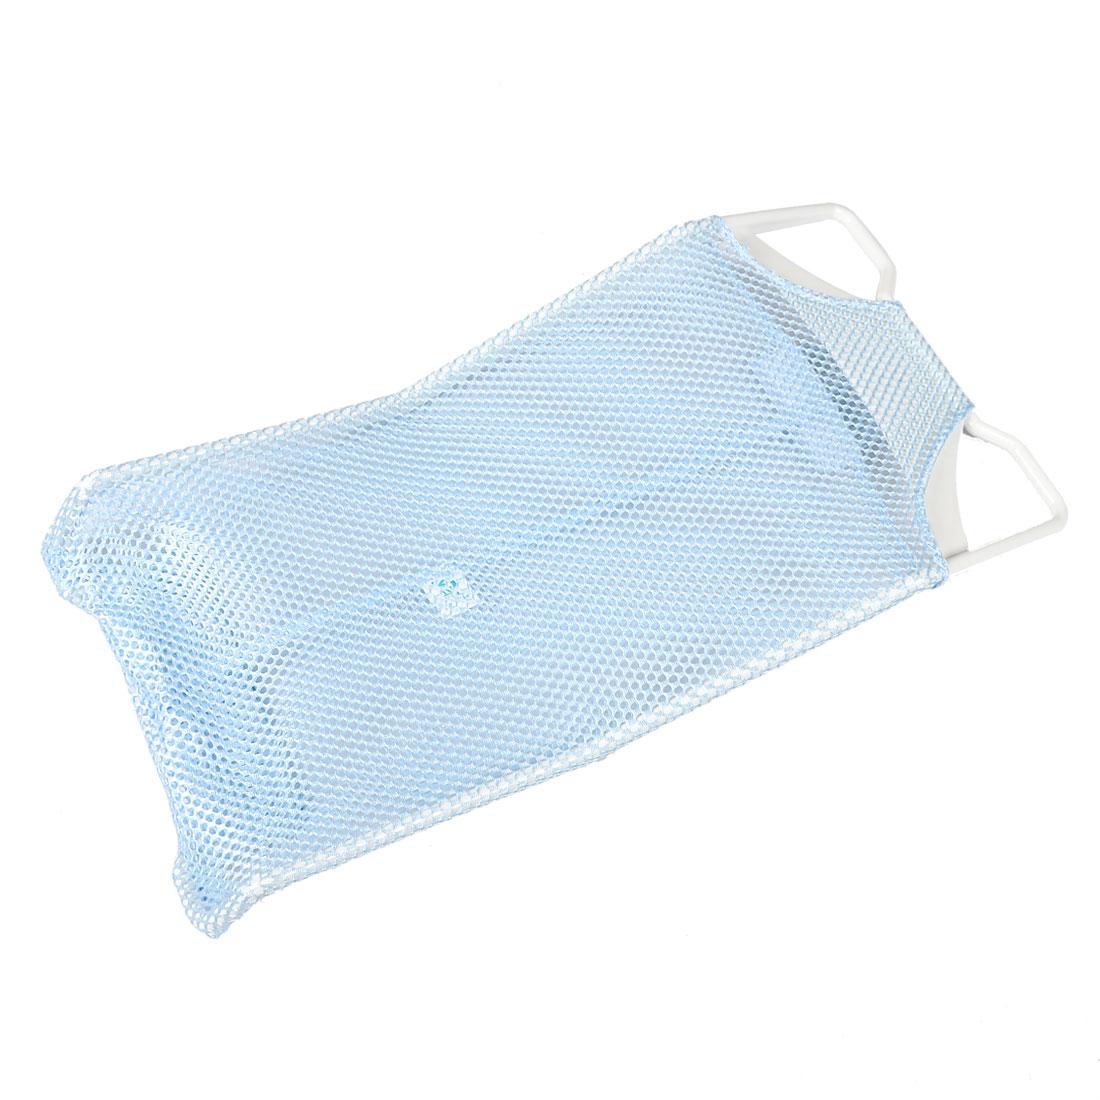 Household Plastic Frame Light Blue Meshy Infant Baby Bathing Net Bed